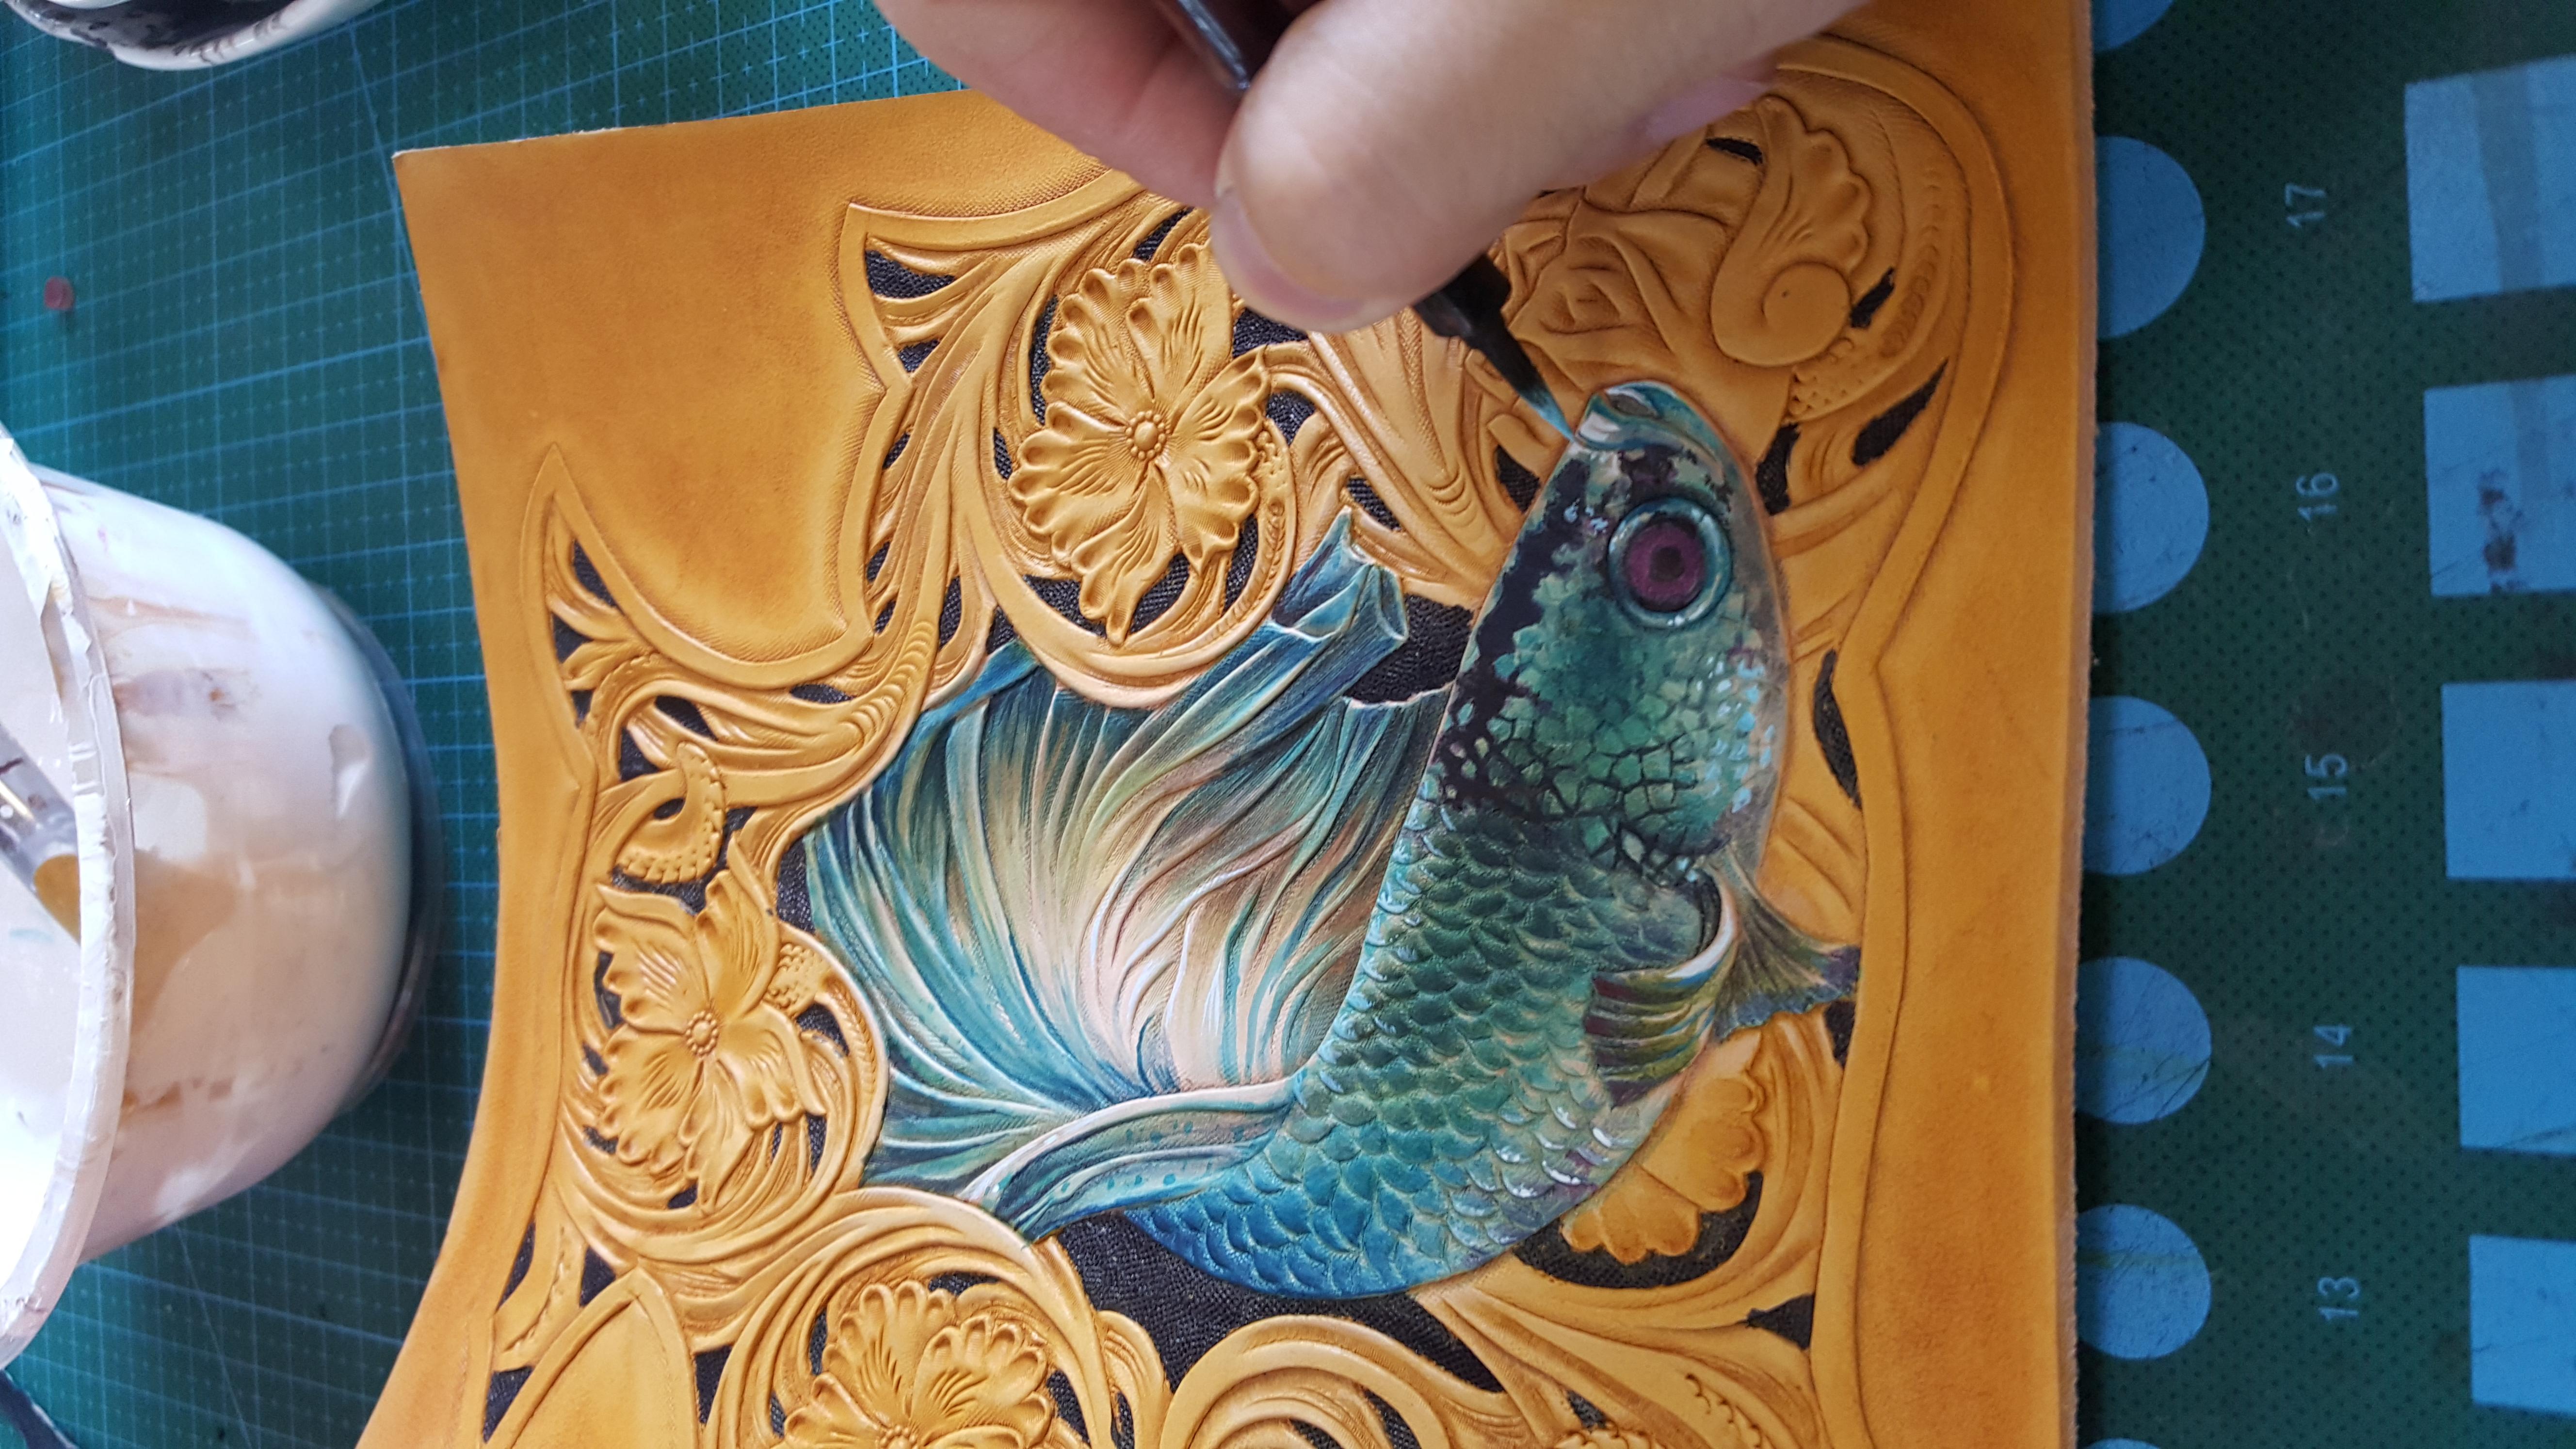 刺青 纹身 5312_2988图片